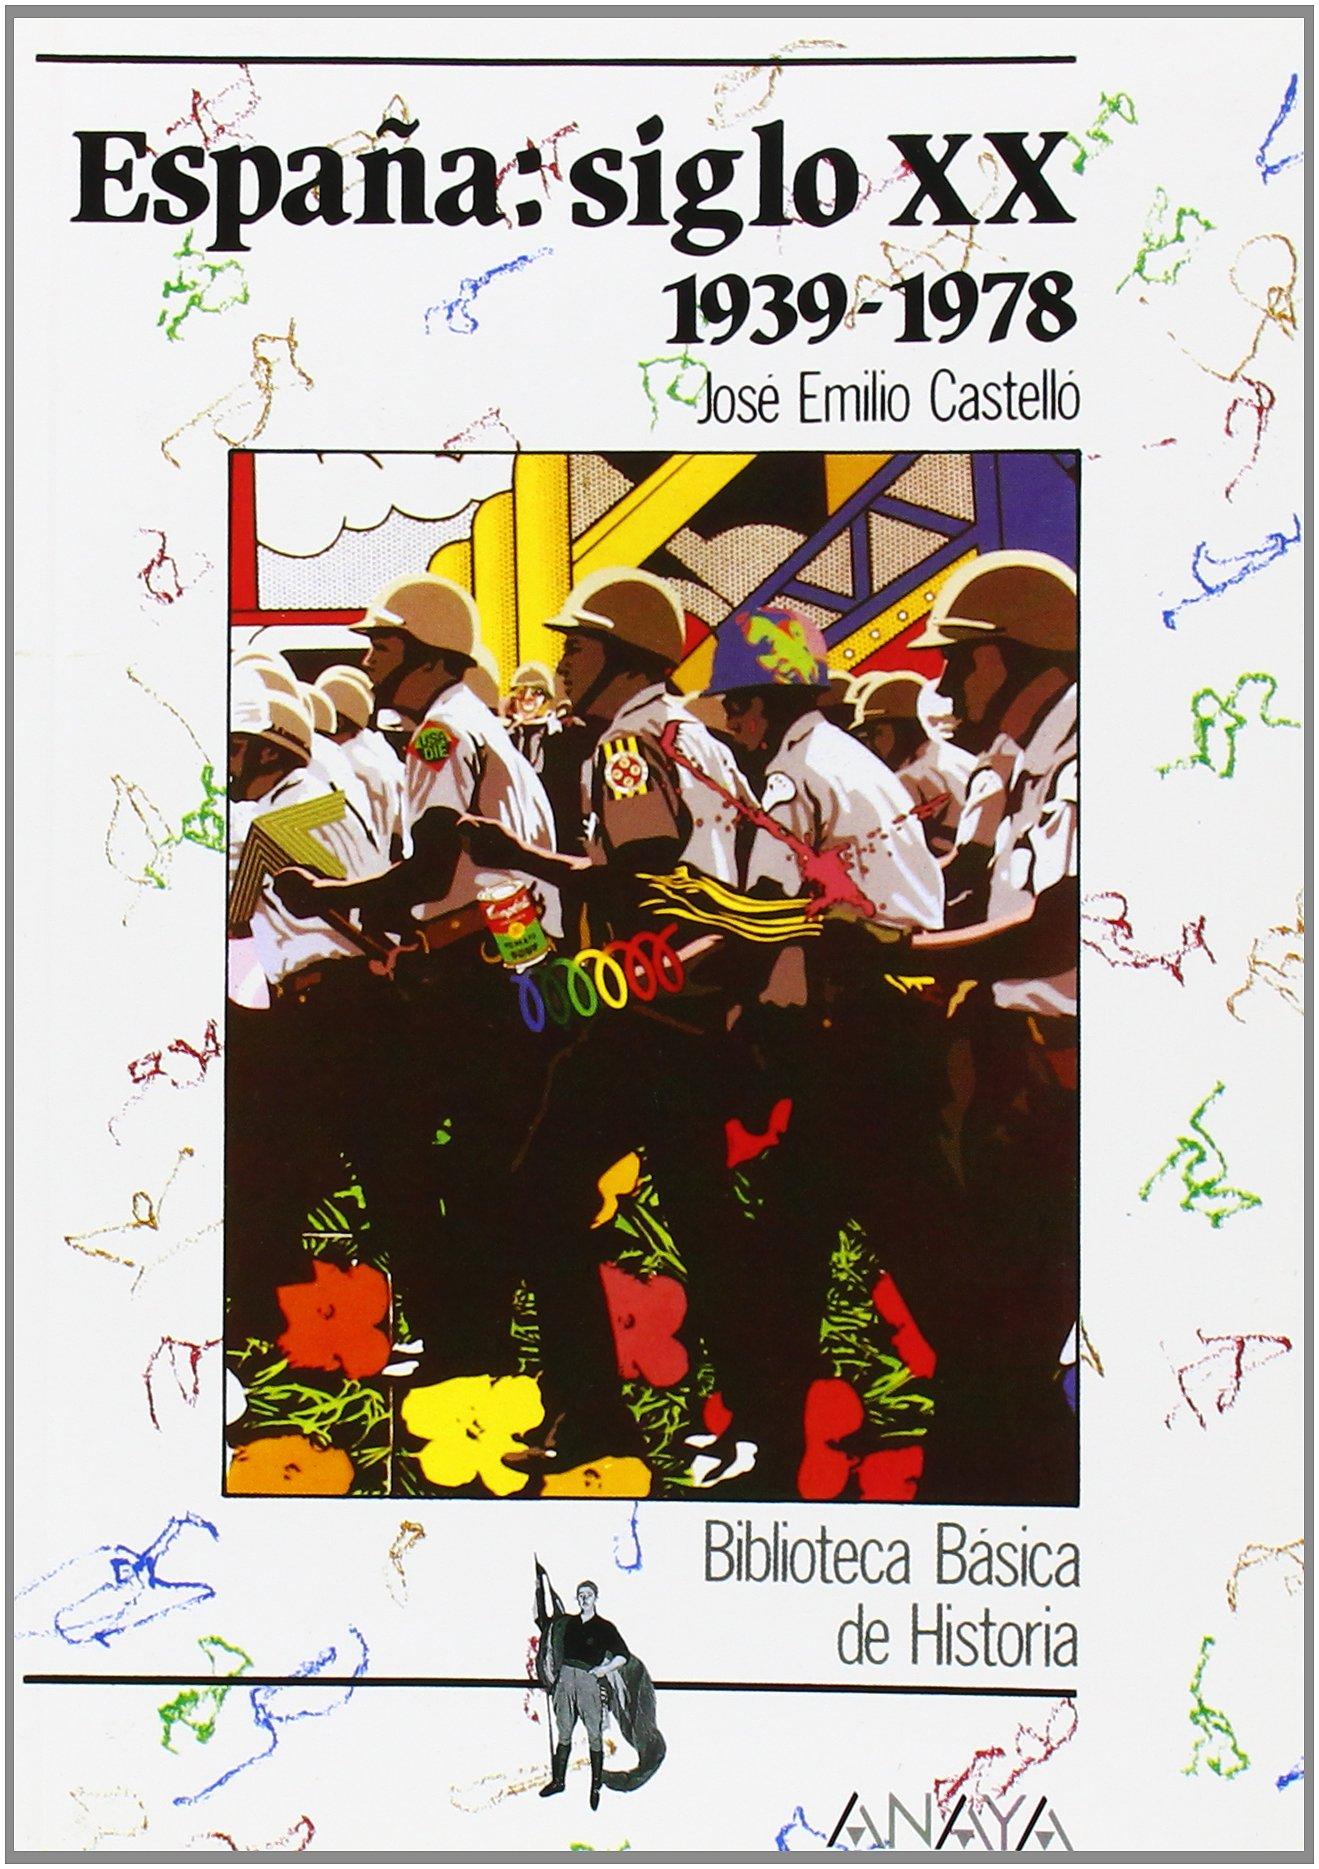 España siglo XX: 1939-1978: Espana: Siglo Xx 1939-1978 Historia ...